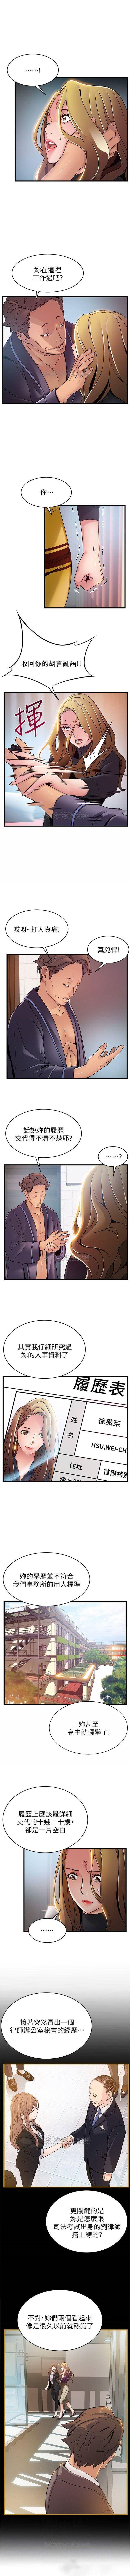 (週7)弱點 1-76 中文翻譯(更新中) 349